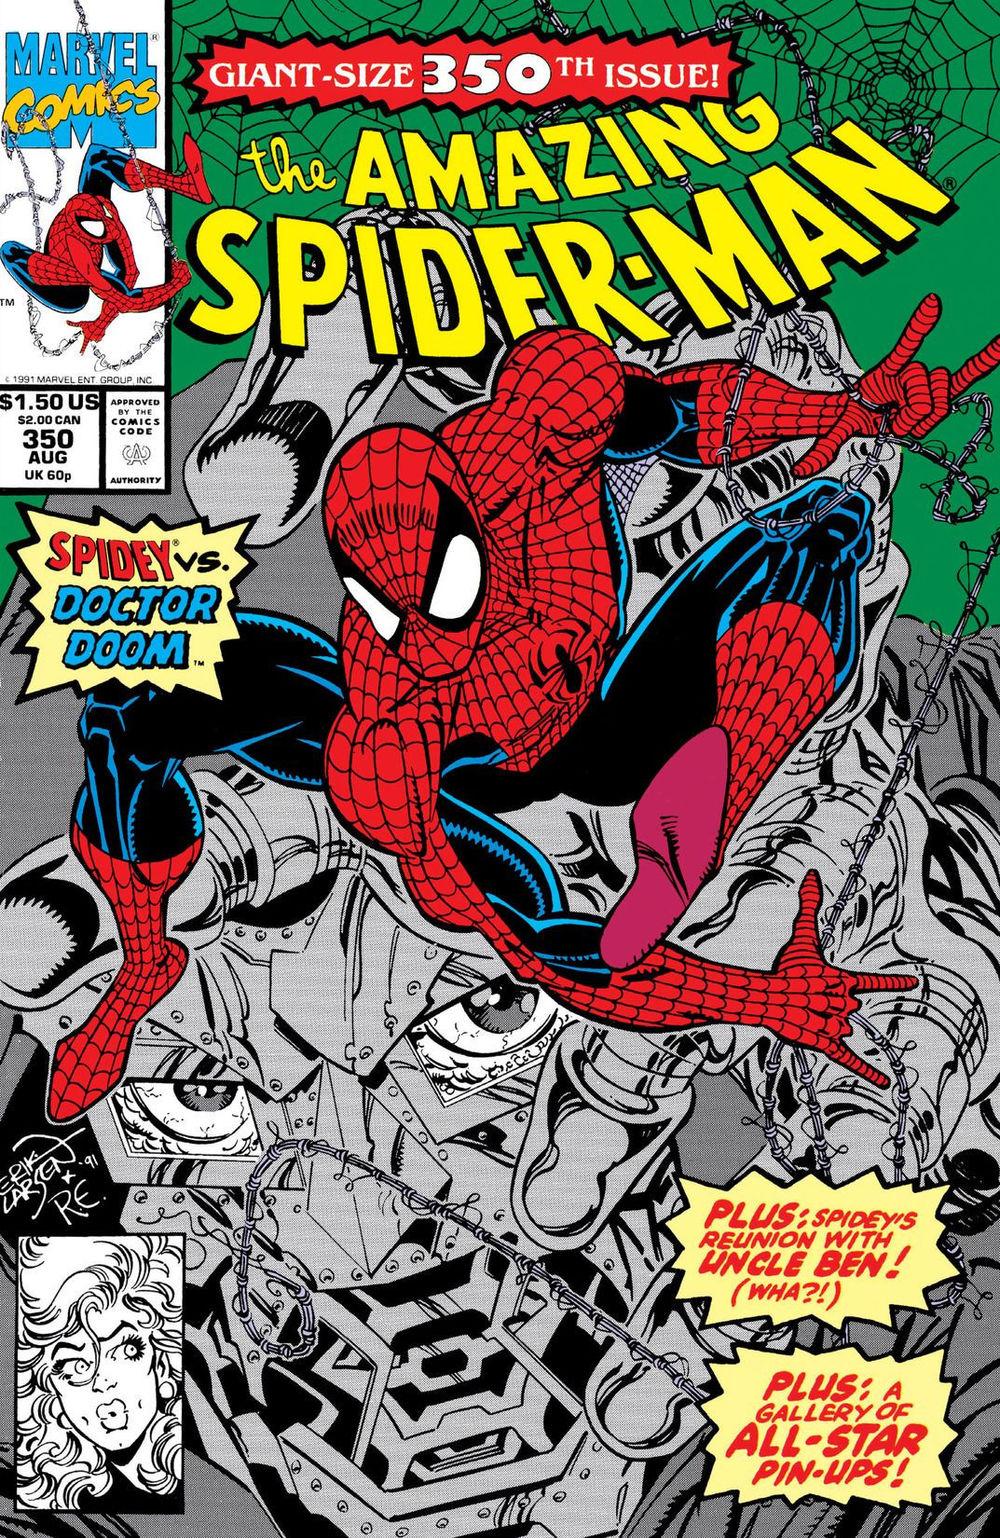 Spider-Man: Doom Service! - The Amazing Spider-Man #348-352